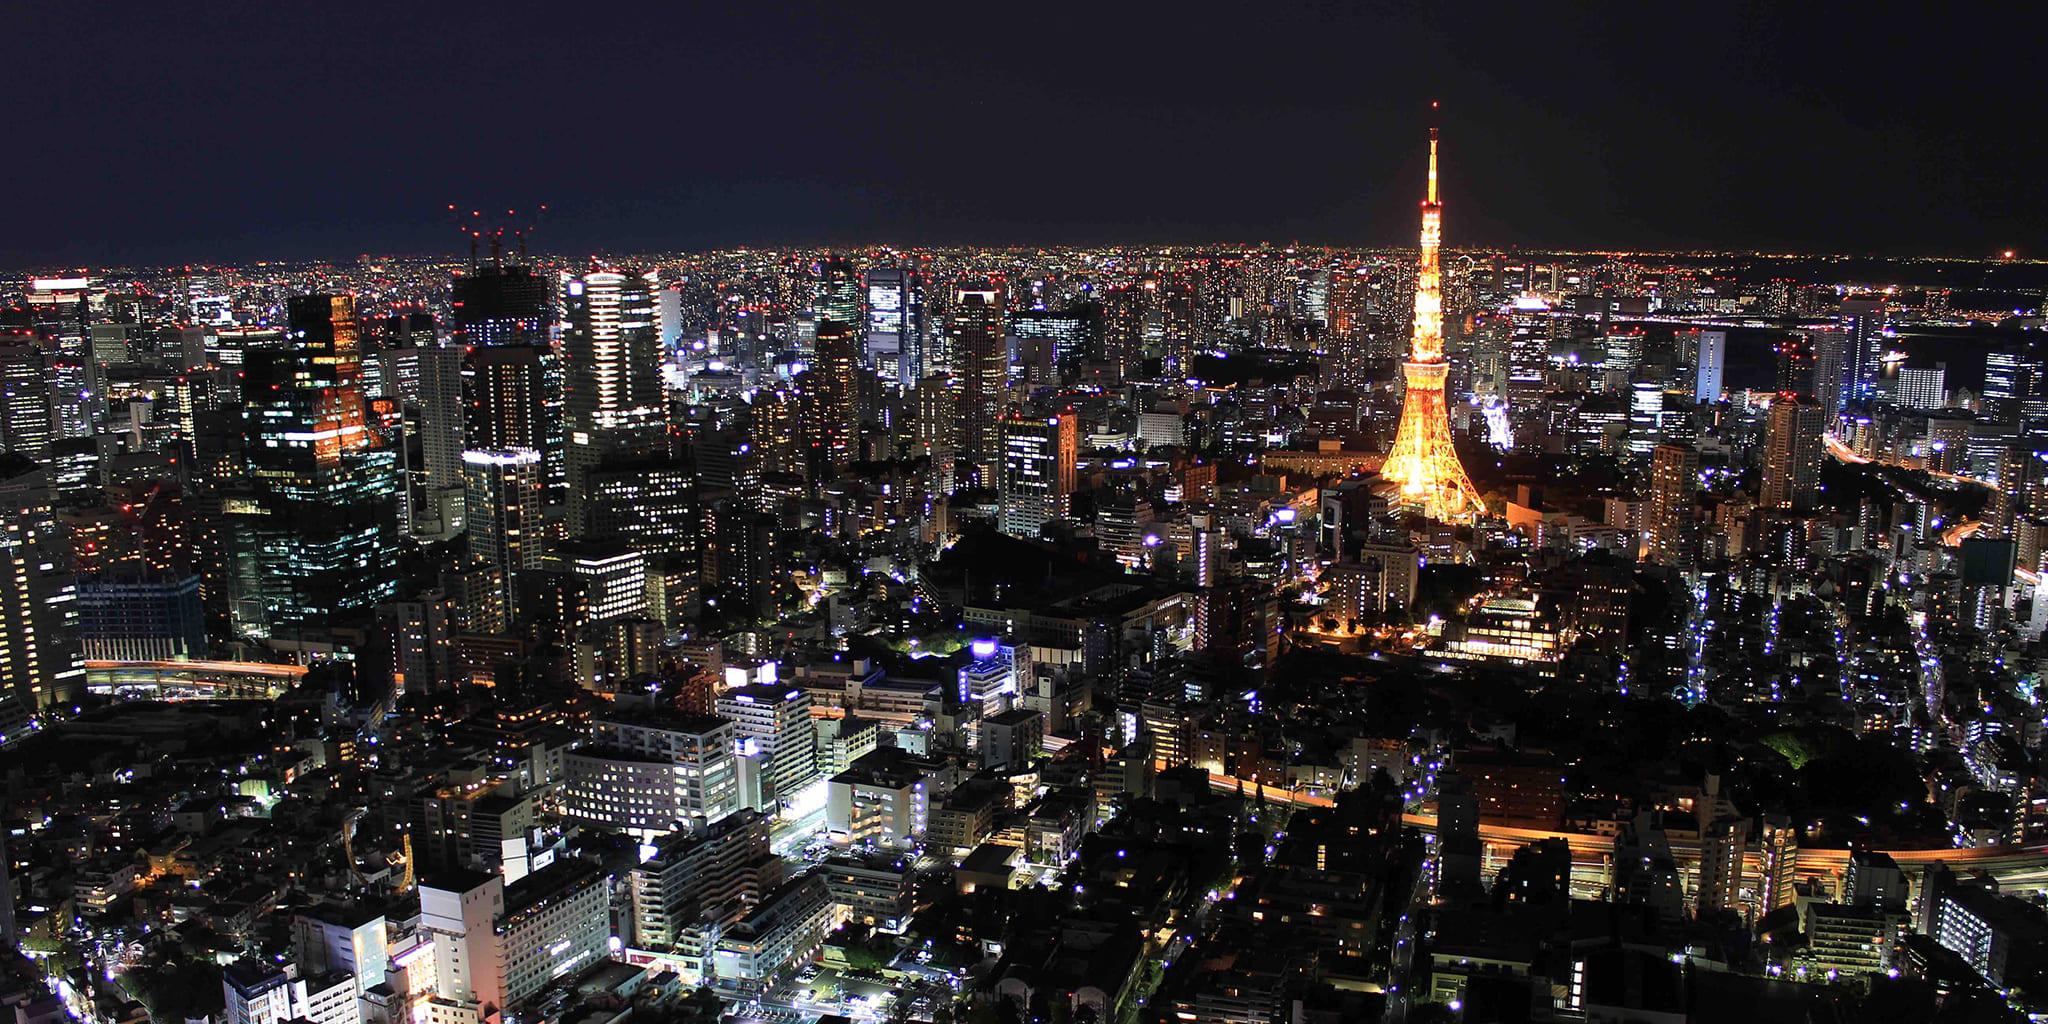 ヘリコプターで東京上空から見る東京タワーの夜景